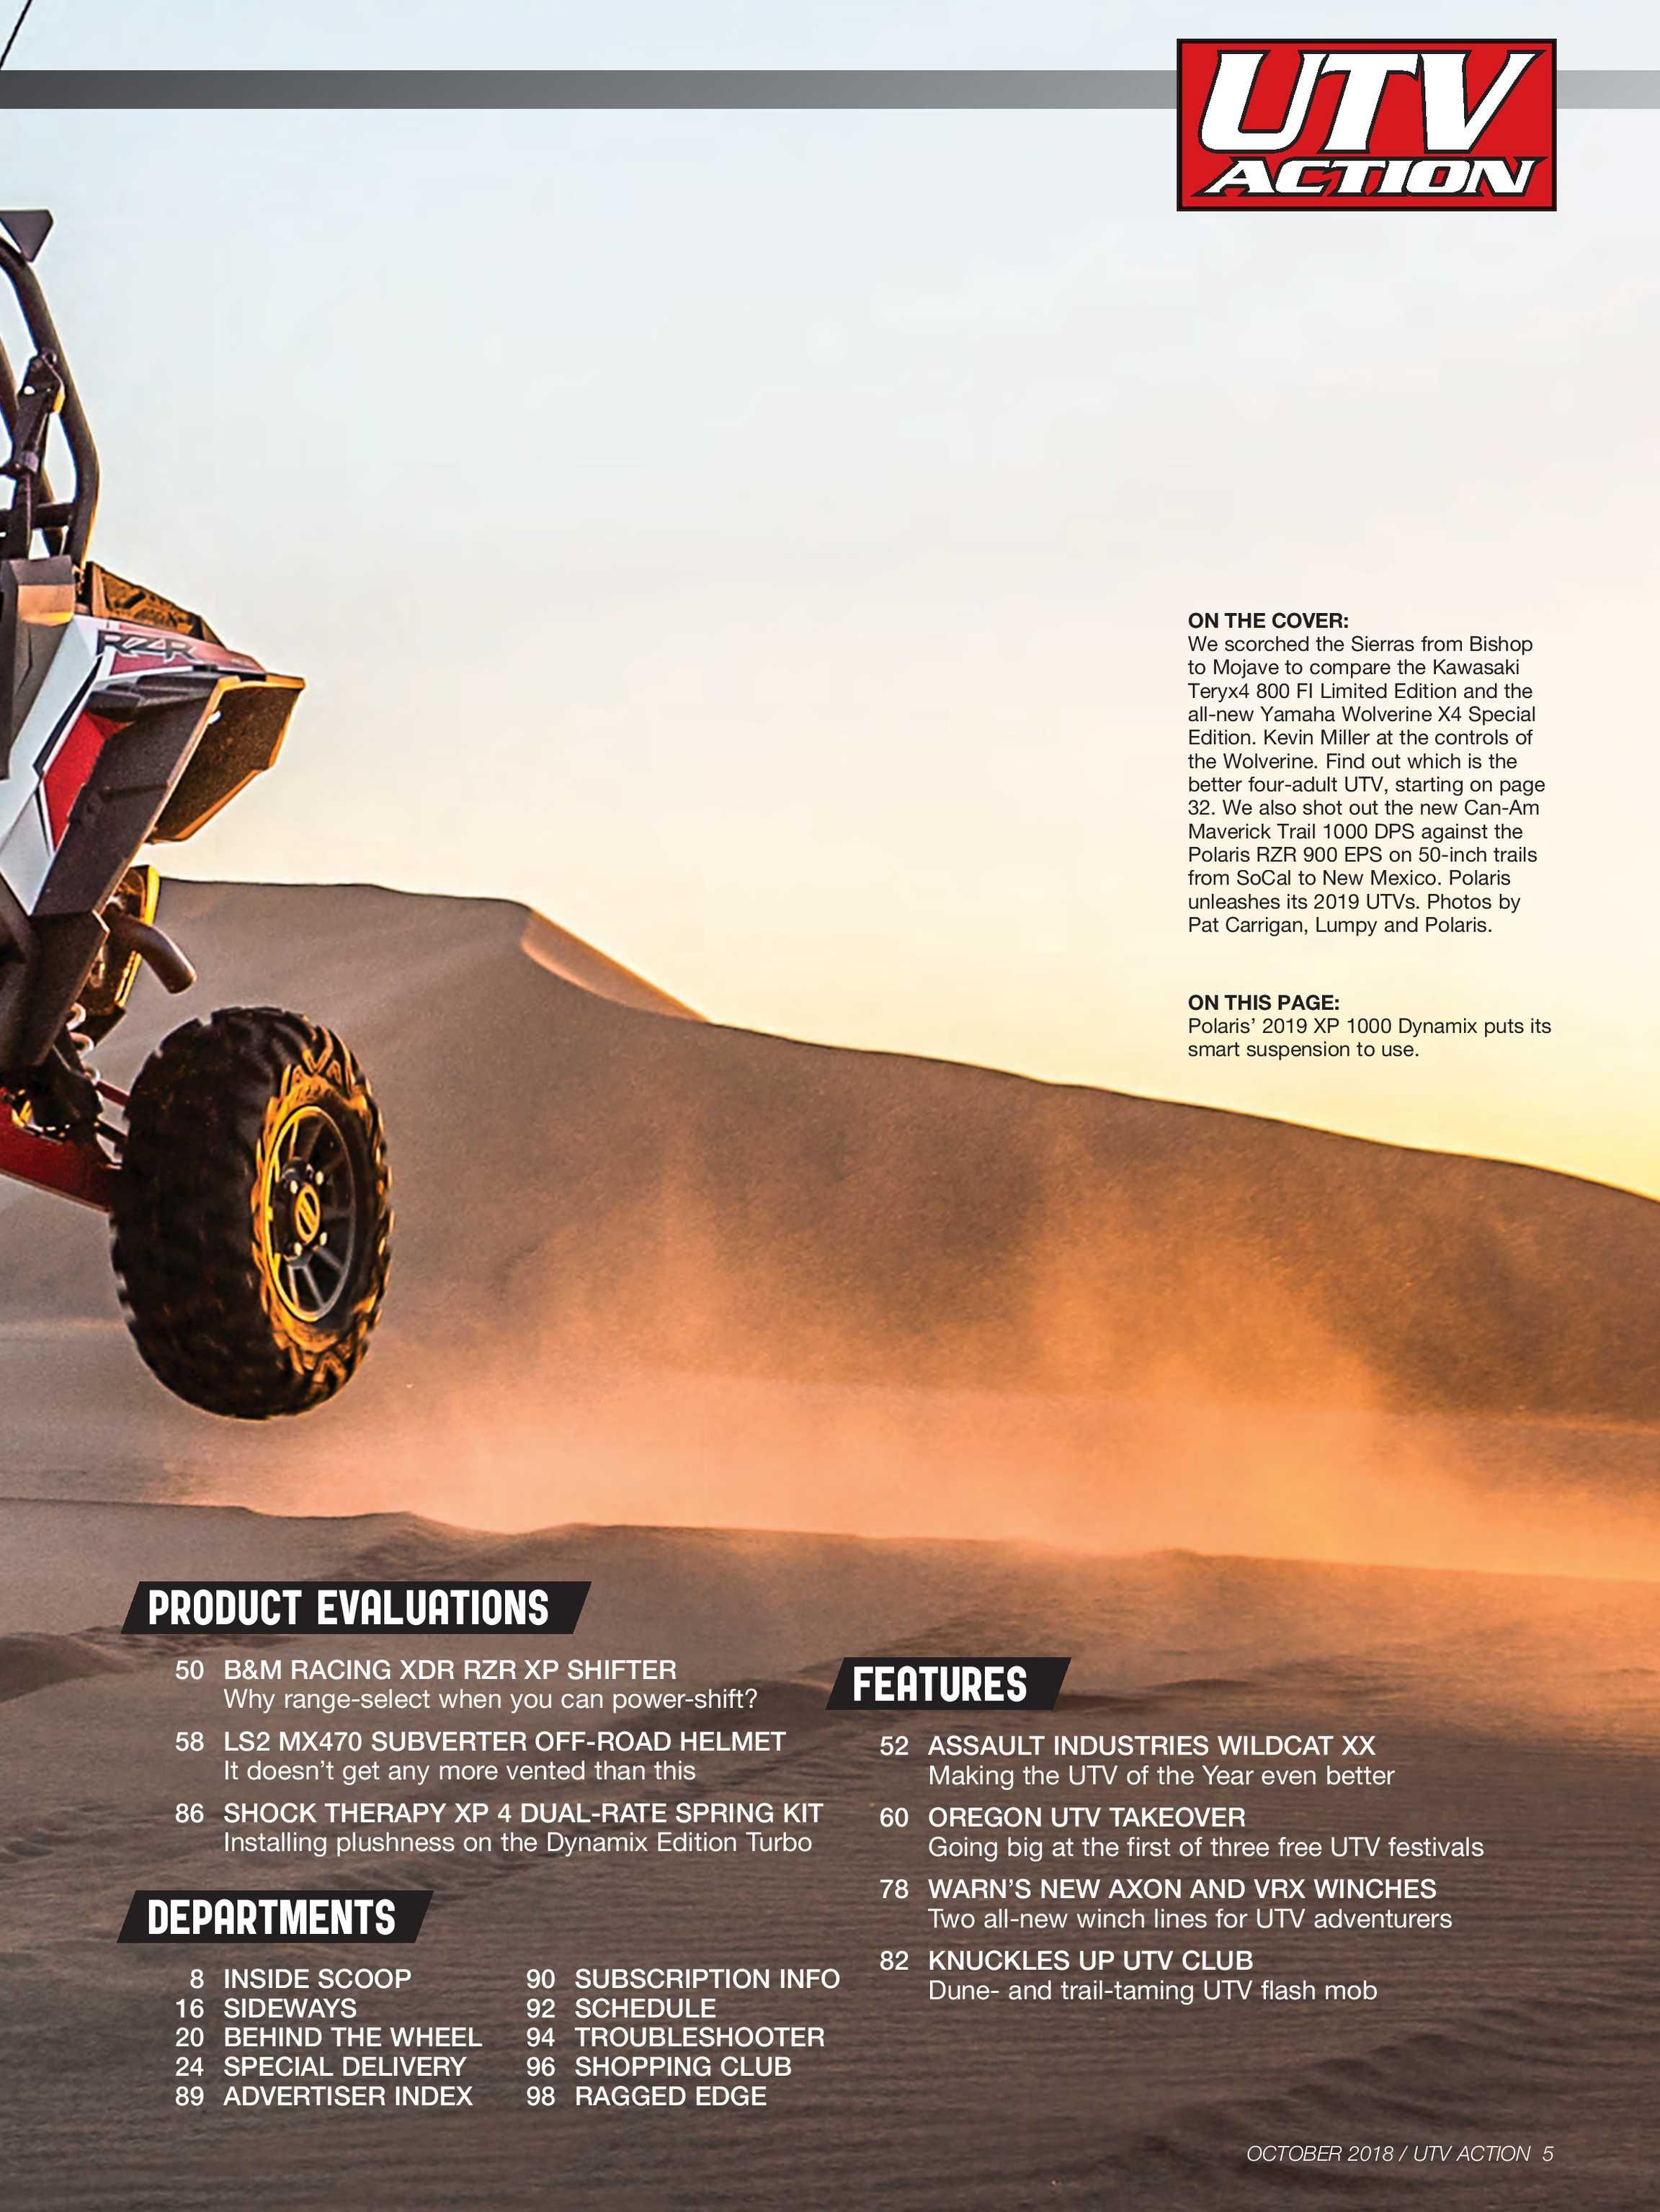 UTV Action Magazine - October 2018 - page 5